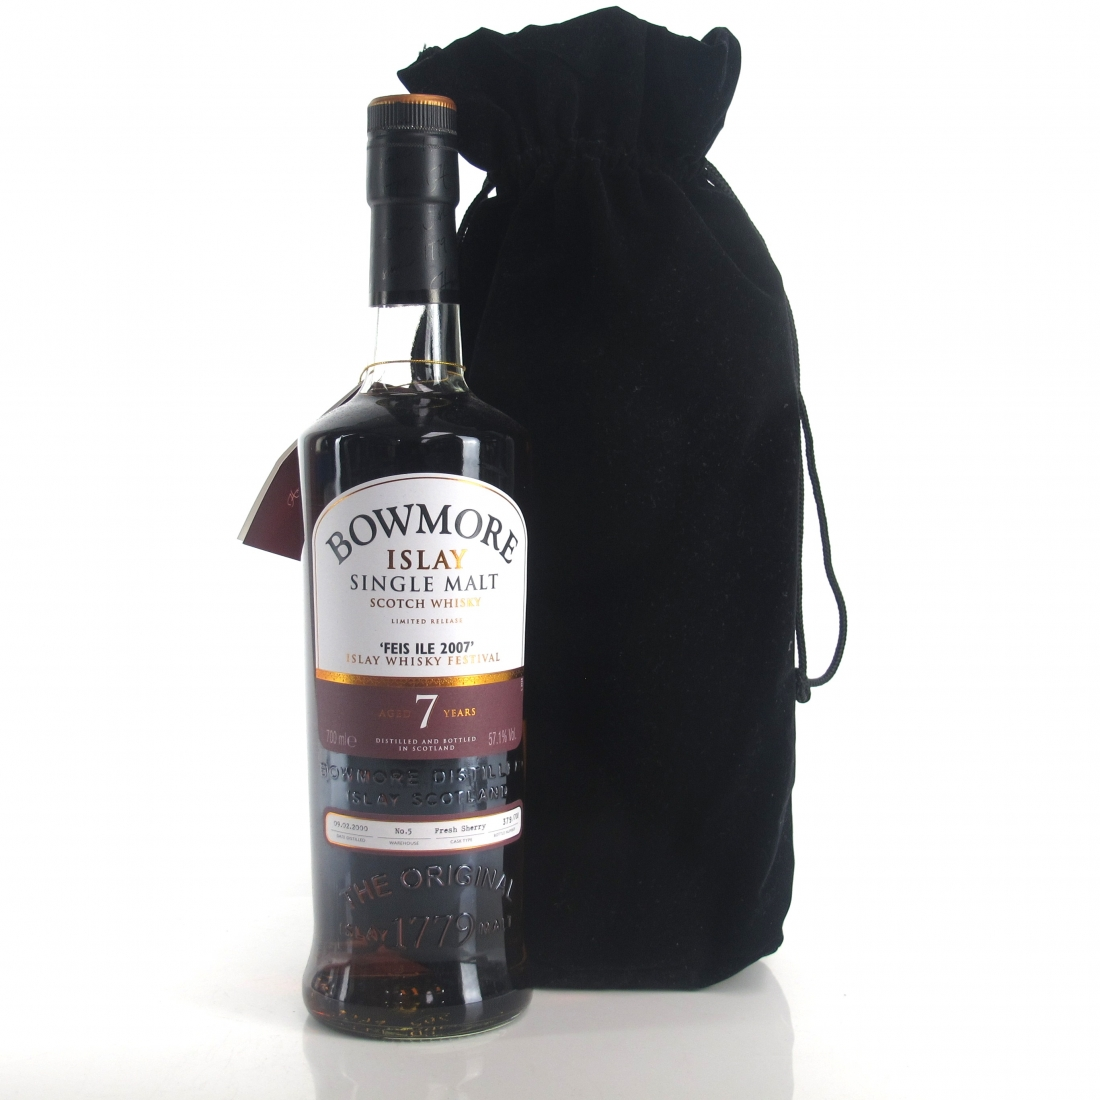 Bowmore 2000 Feis Ile 2007